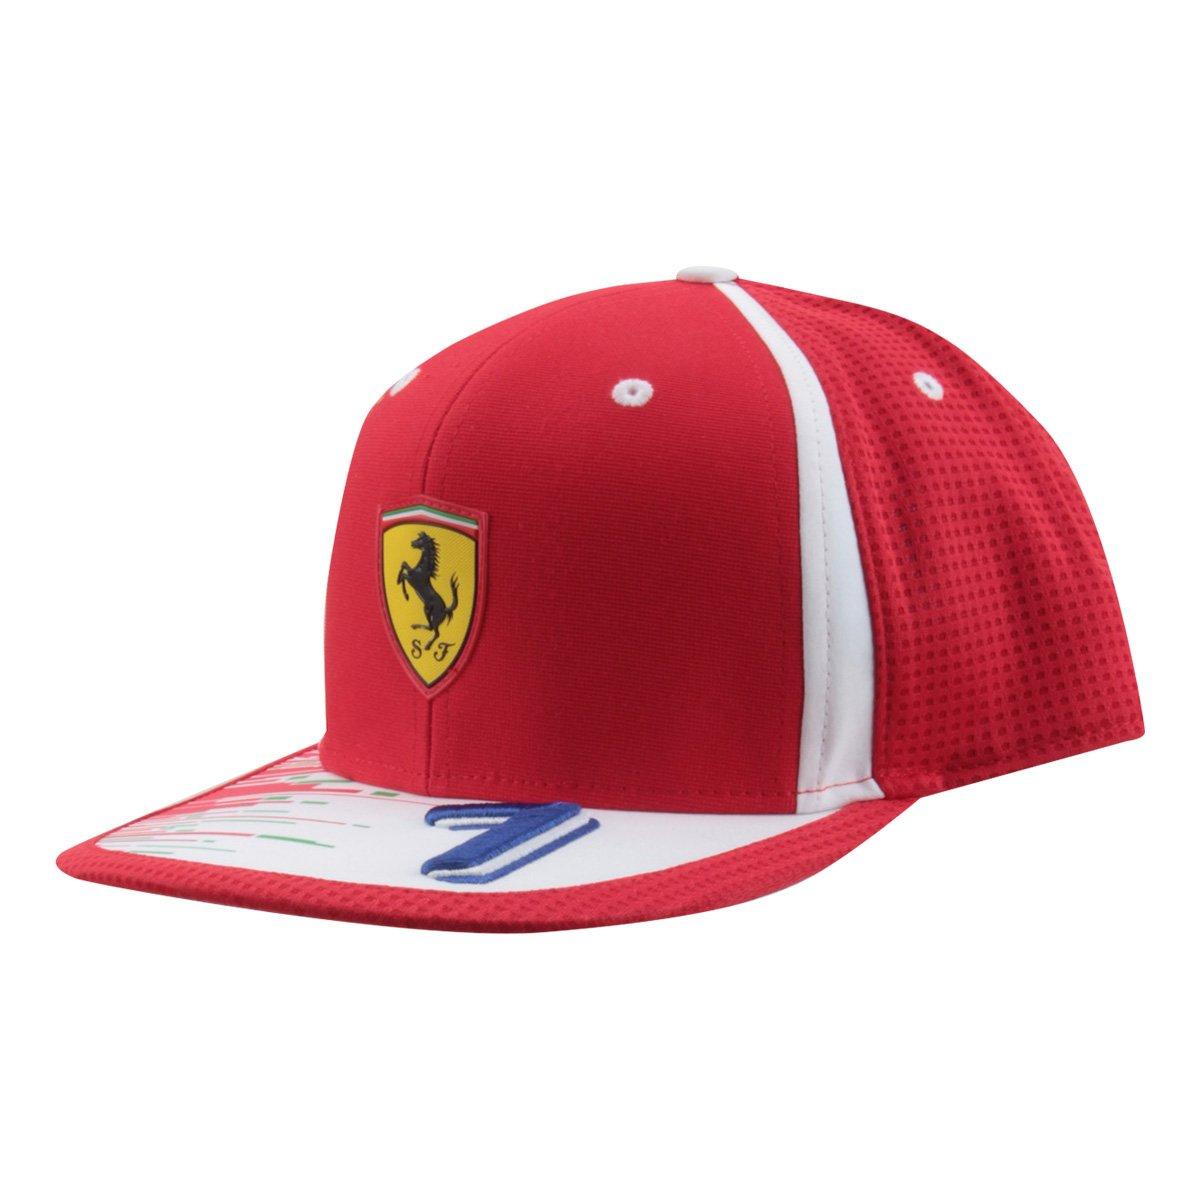 Boné Puma Scuderia Ferrari Raikkonen - Vermelho - Compre Agora ... b0dbca6ee69